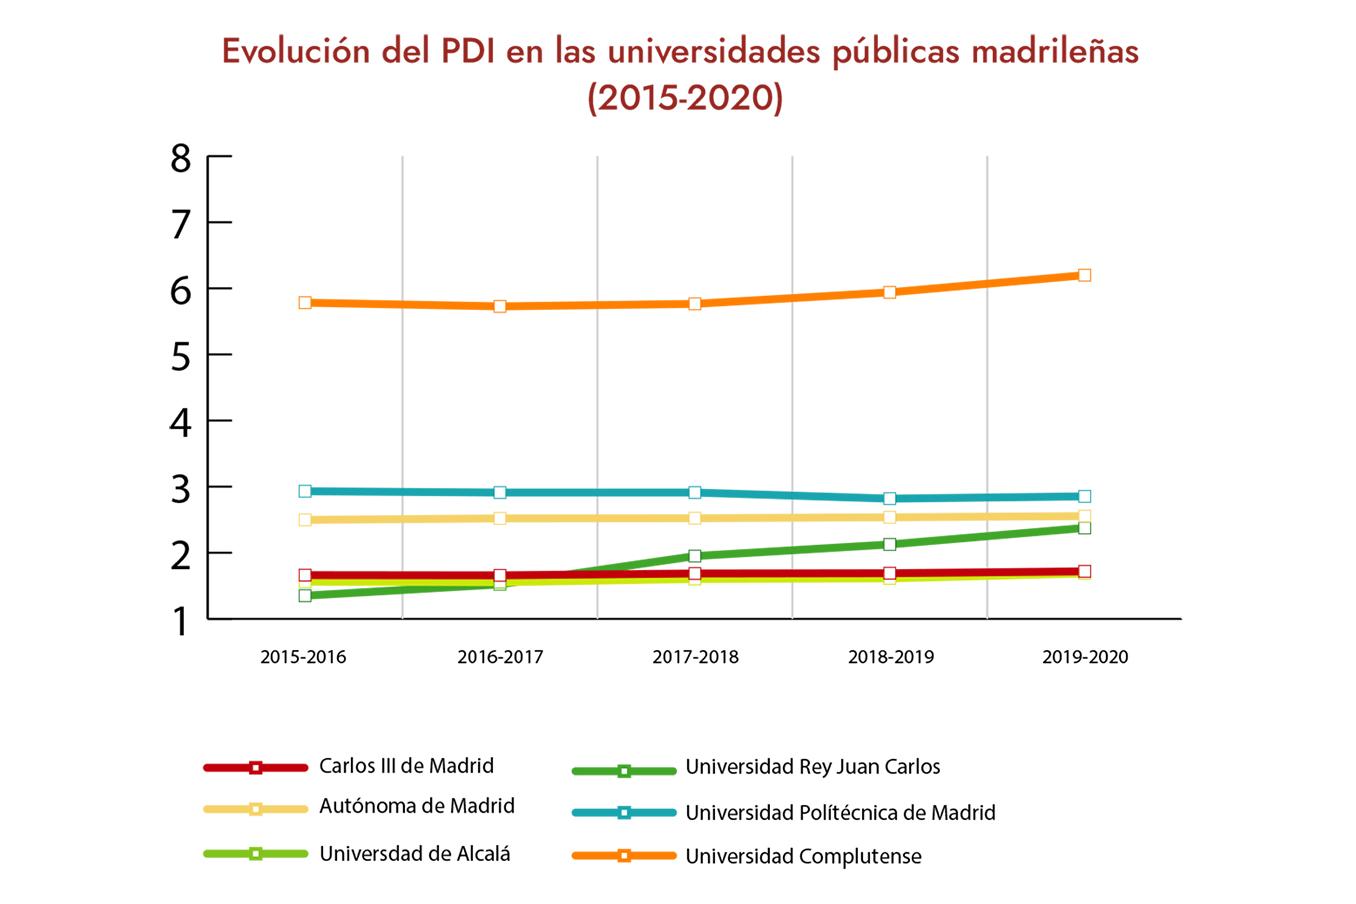 La Complutense, a la cabeza de las universidades públicas madrileñas  en PDI